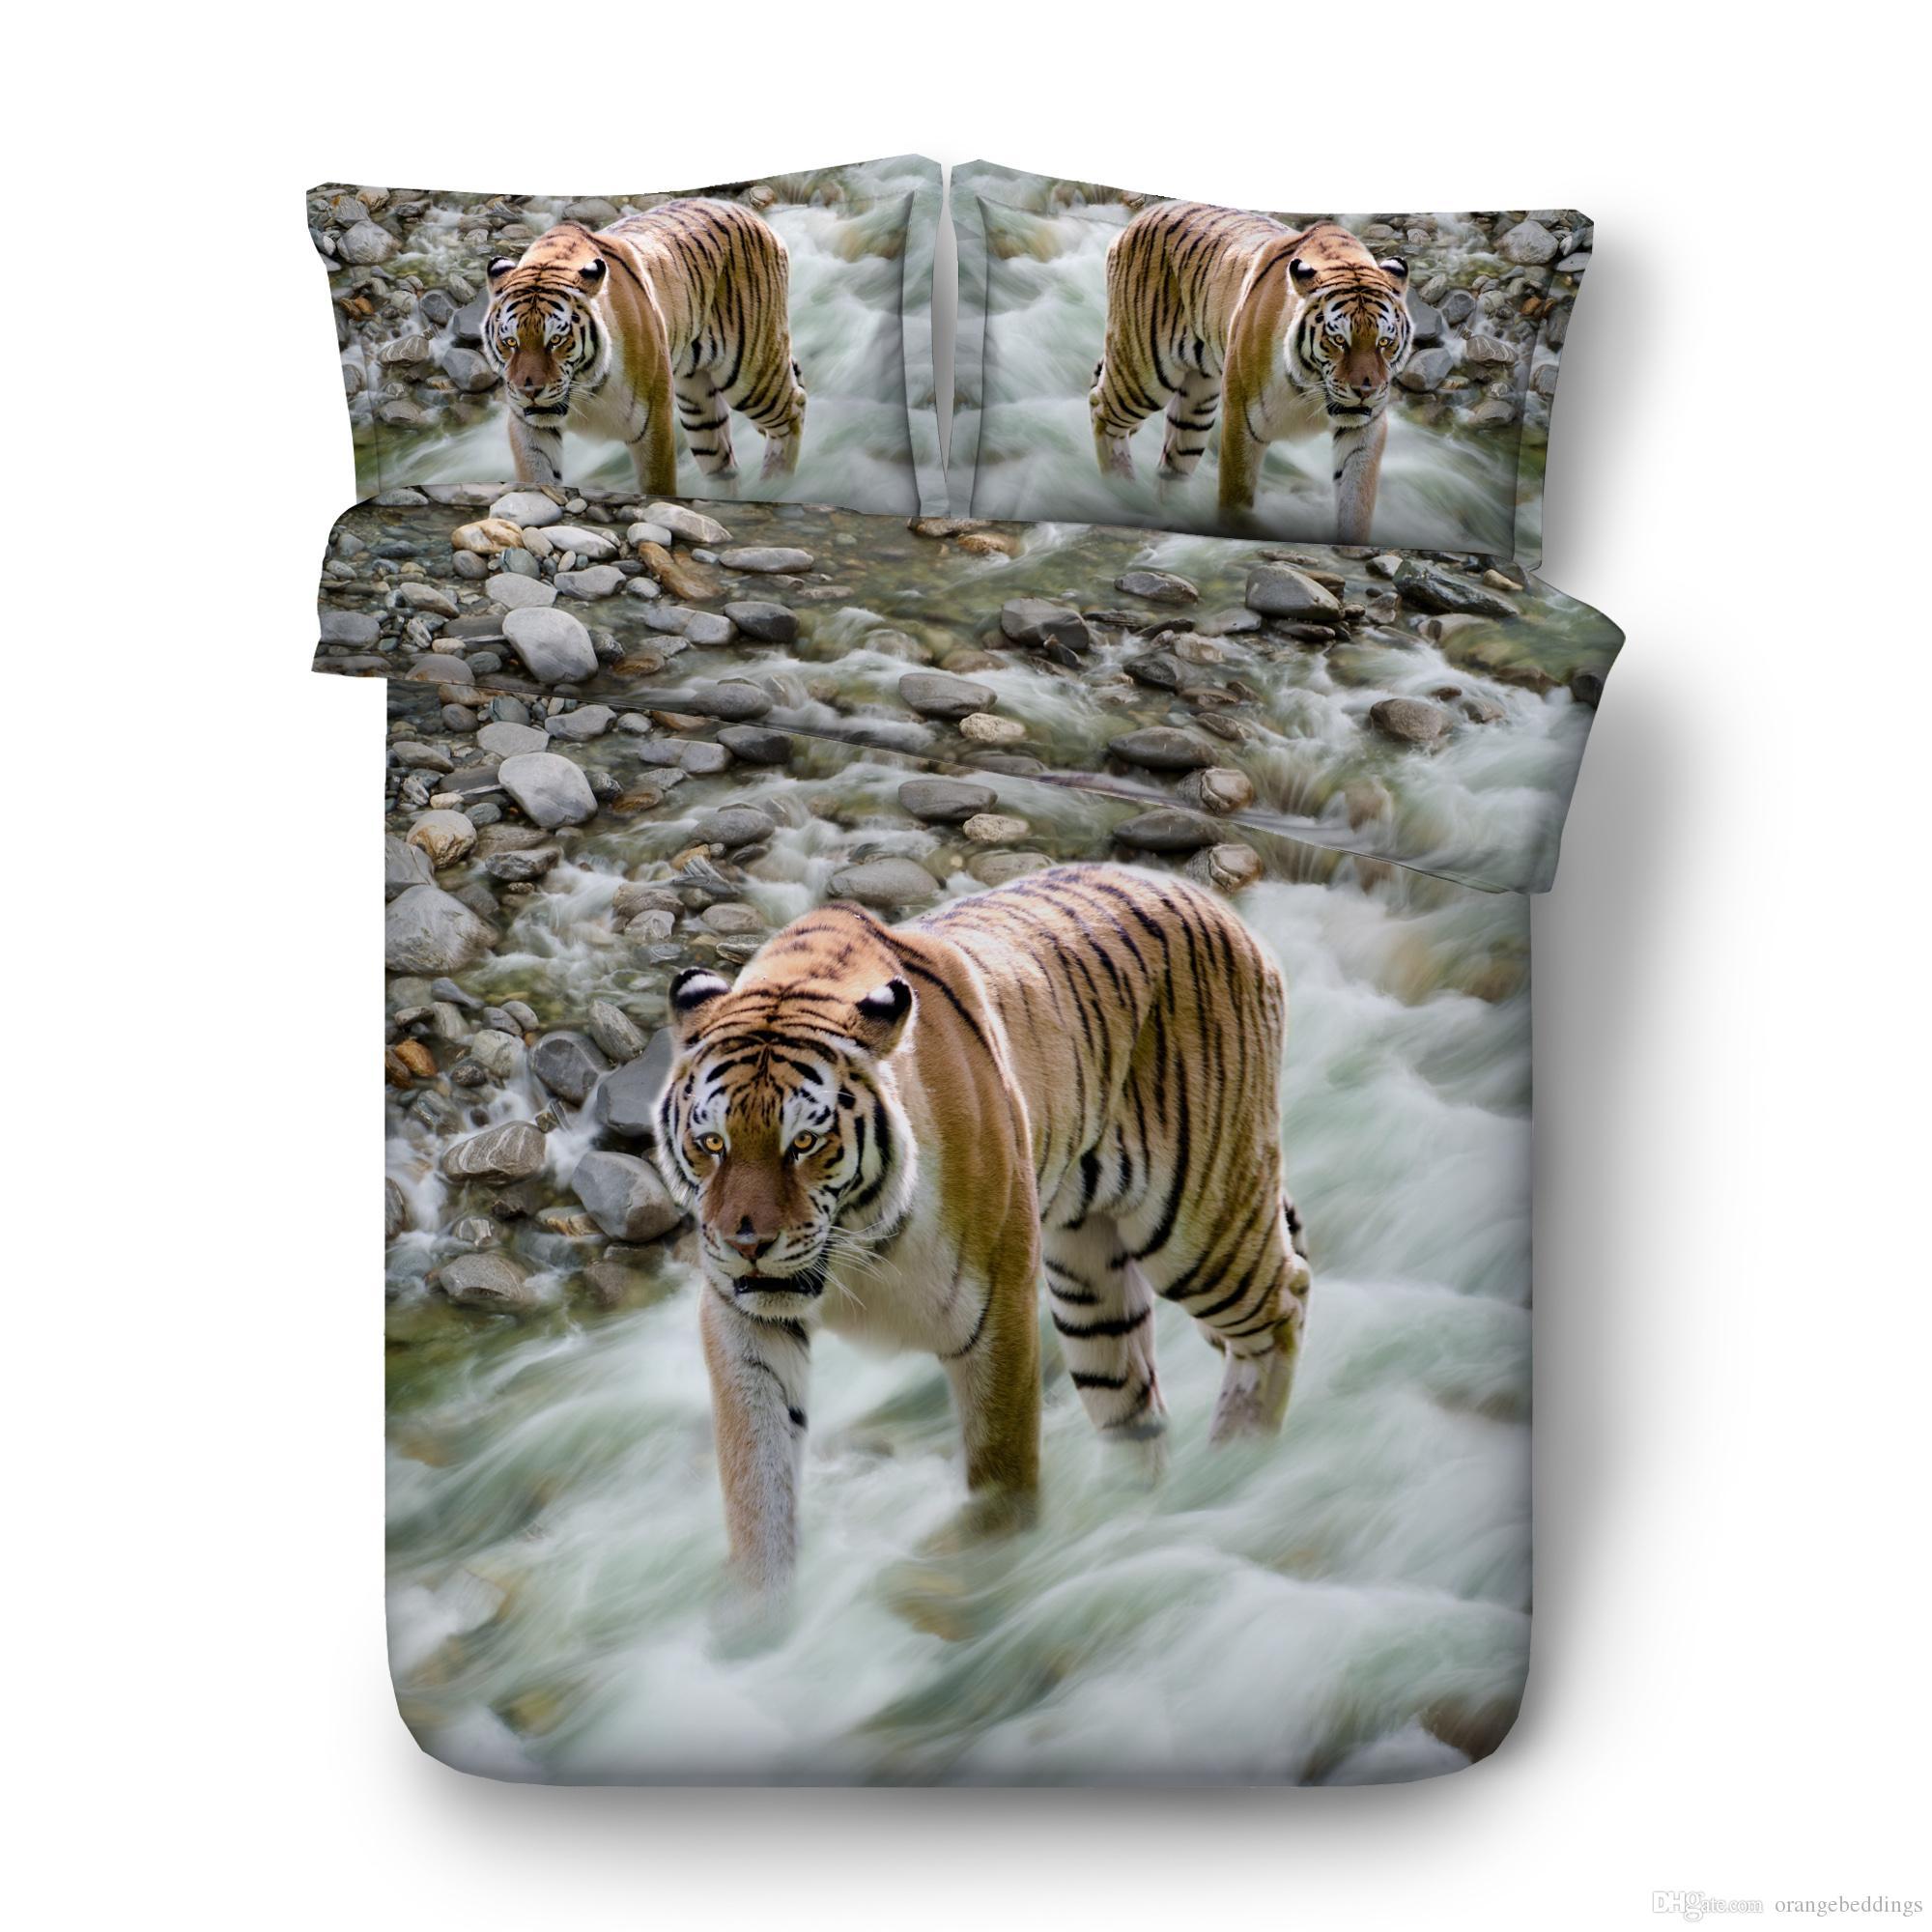 White Tiger Stampa Ragazzi letto di 3PC consoli copripiumino Digital 3D Print 3PCS 1 copripiumino 2 Pillow Shams animali chiare